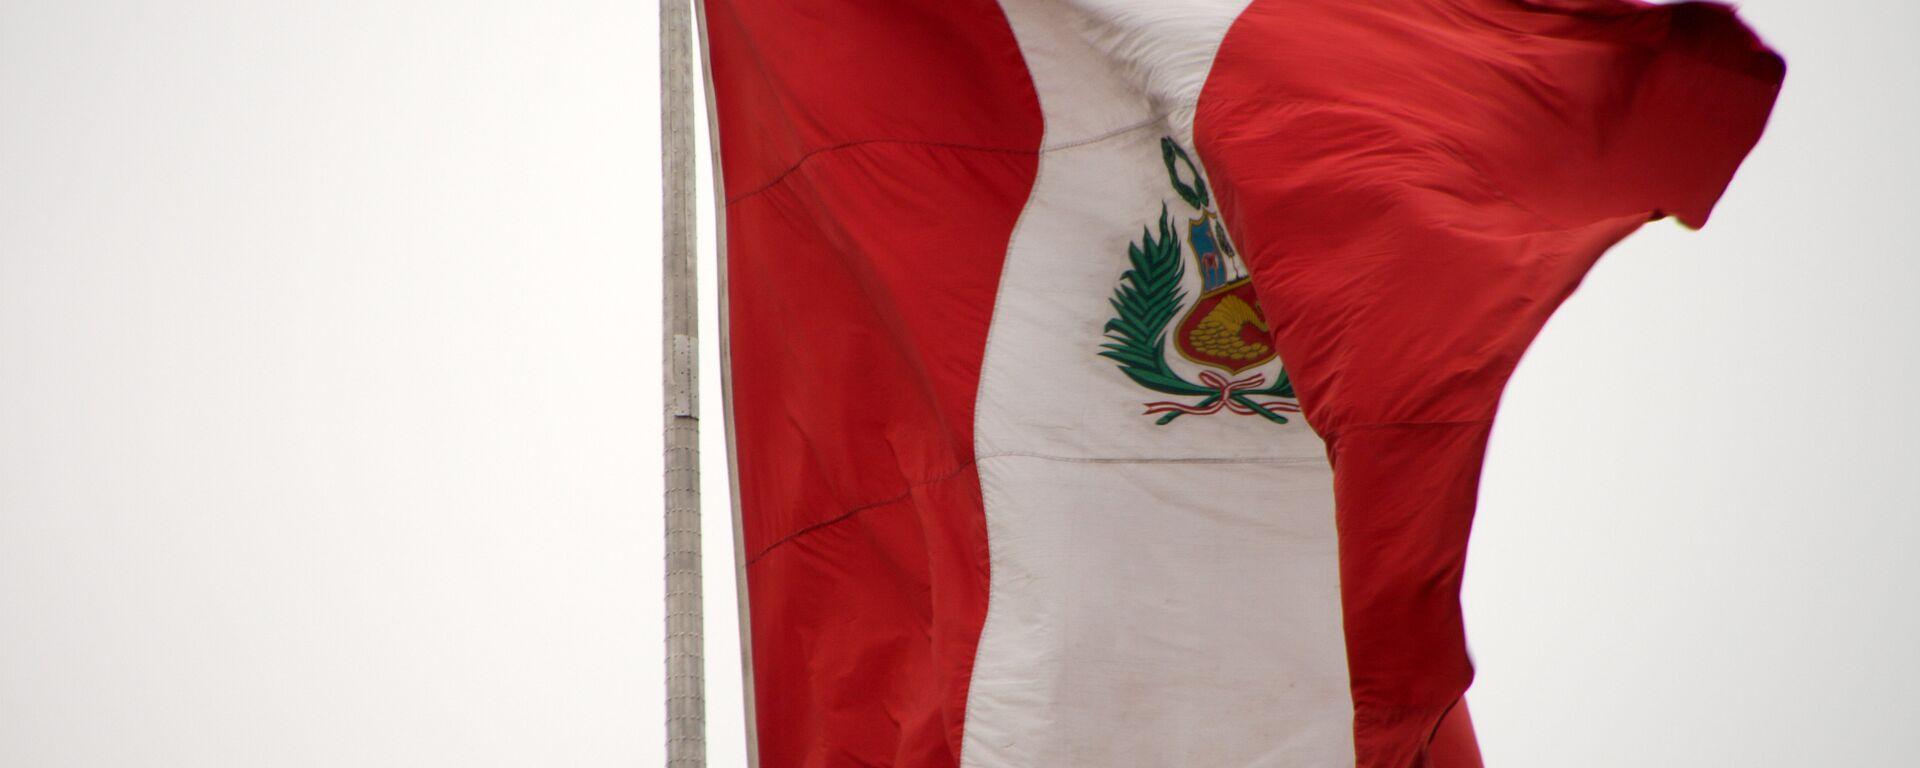 La bandera de Perú - Sputnik Mundo, 1920, 07.01.2021